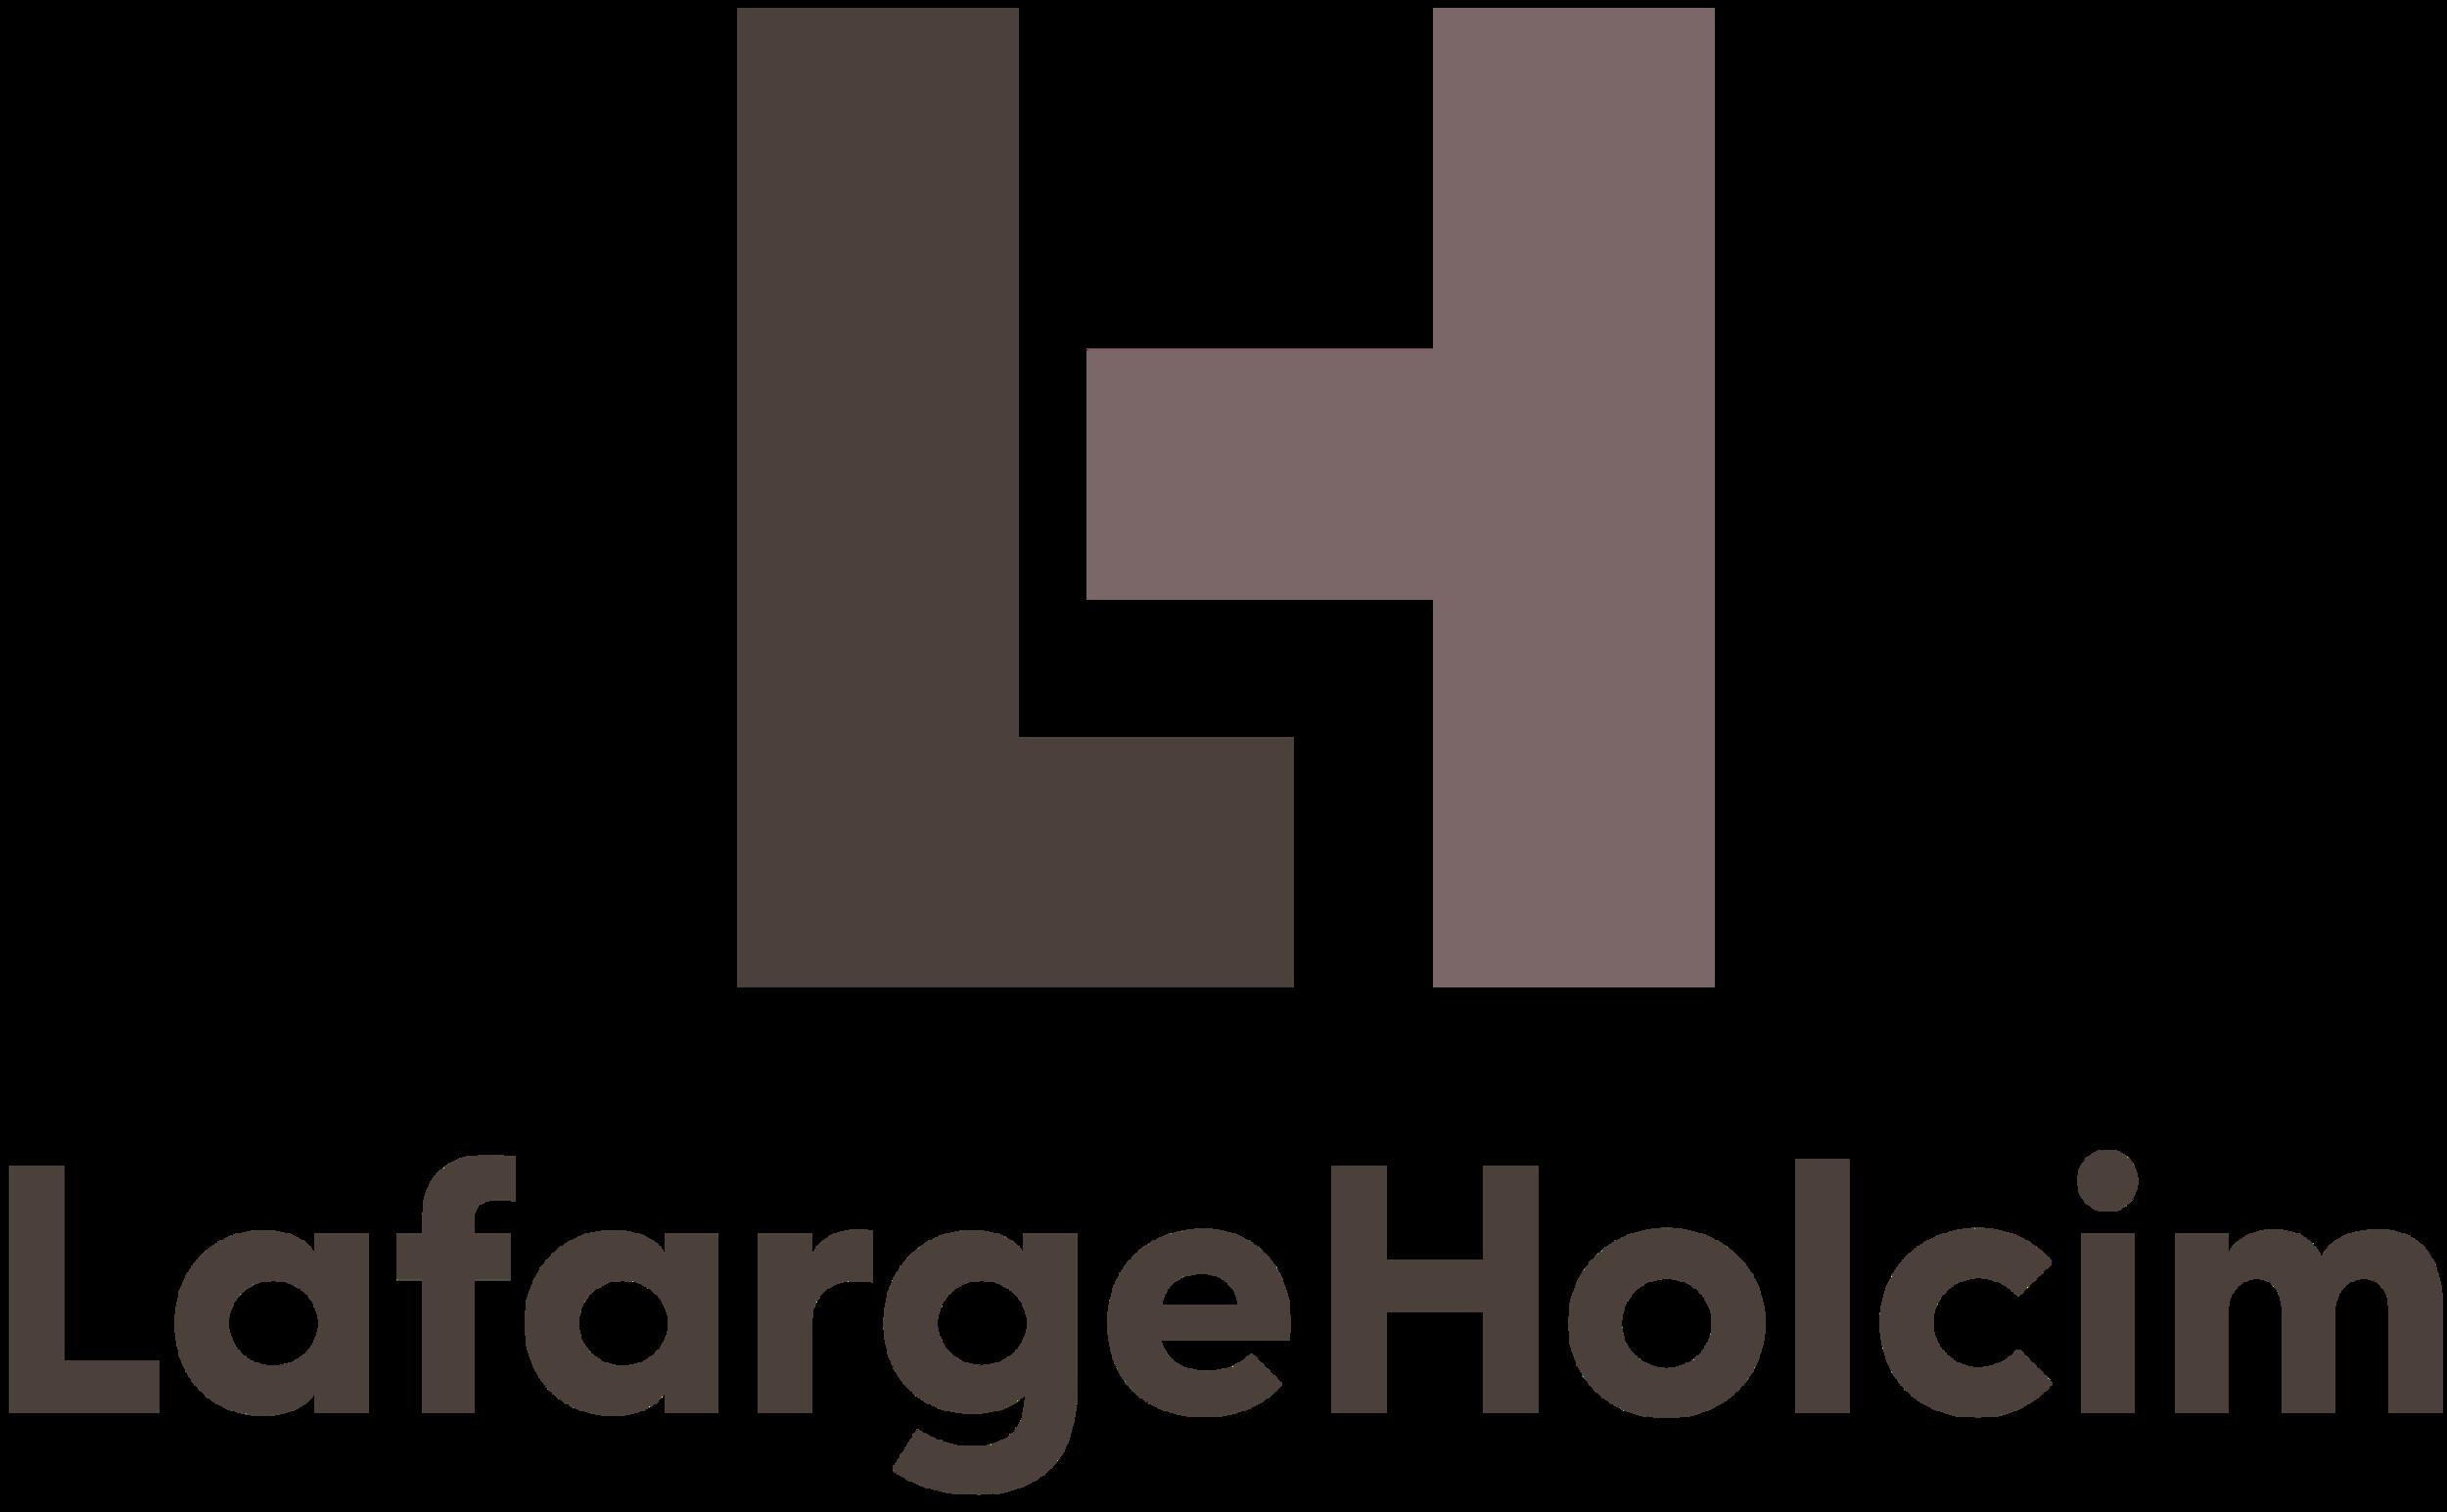 lafargeholcim logo.png